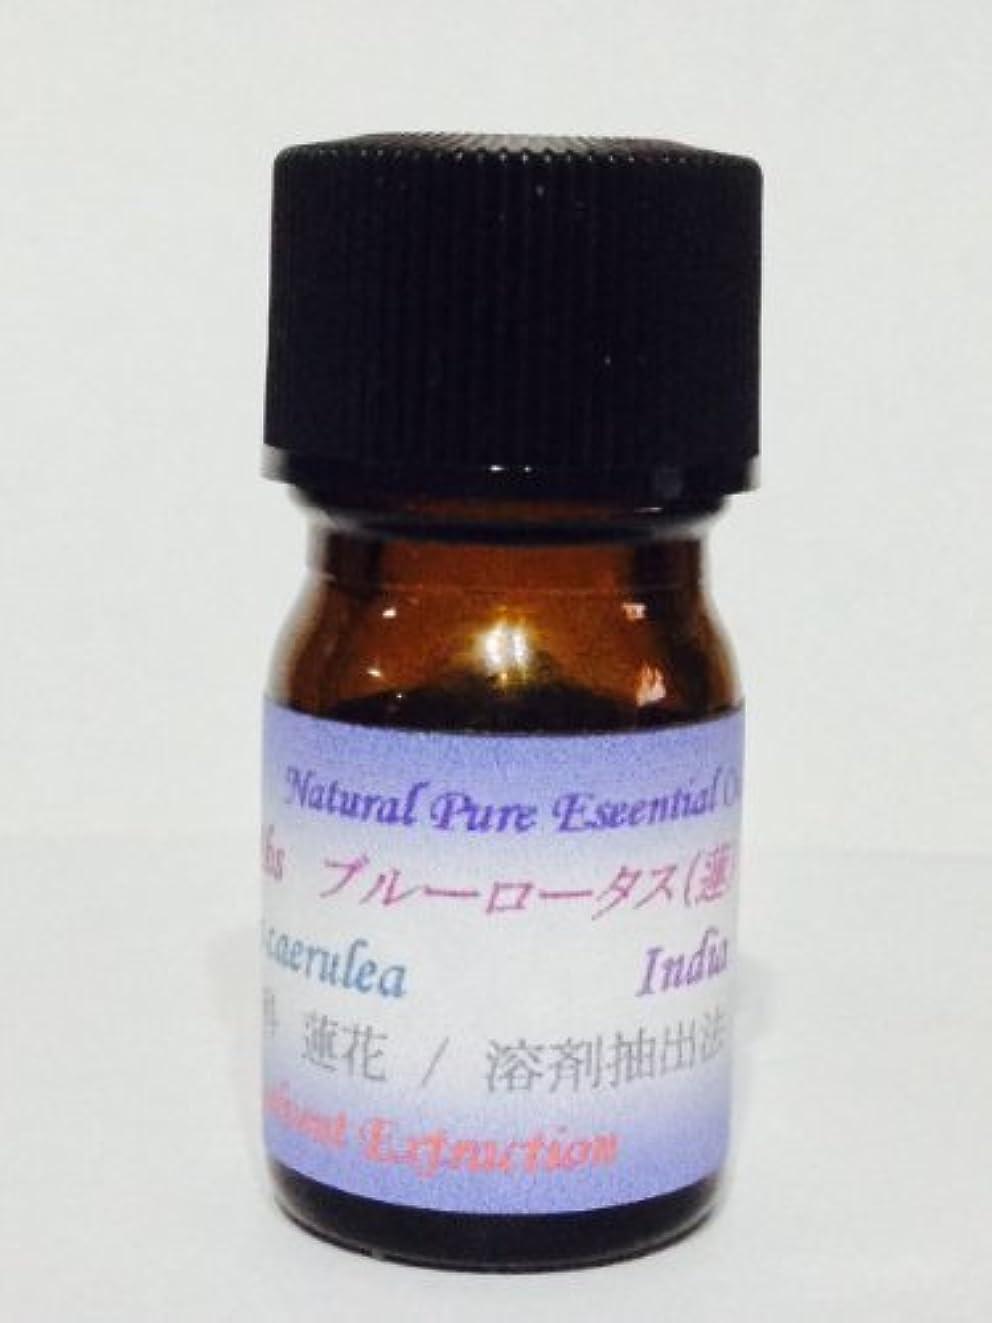 ご覧ください観点おなじみのブルーロータスAbs (アブソリュード) 天然精油 10ml 100%ピュアエッセンシャルオイル 天然アロマ